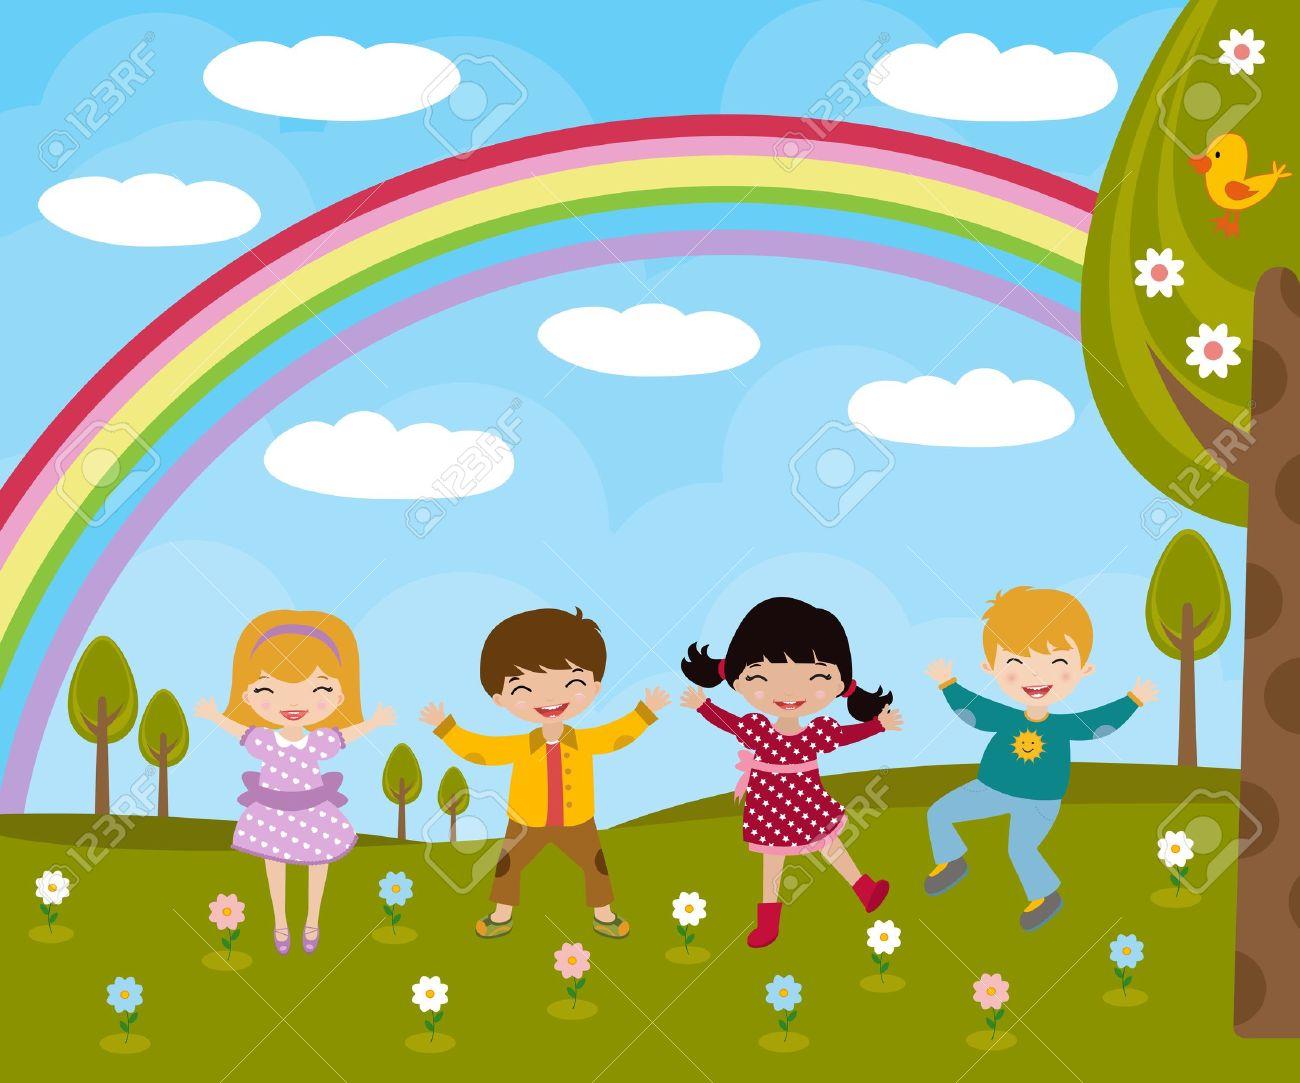 Kids in spring Stock Vector - 10045917